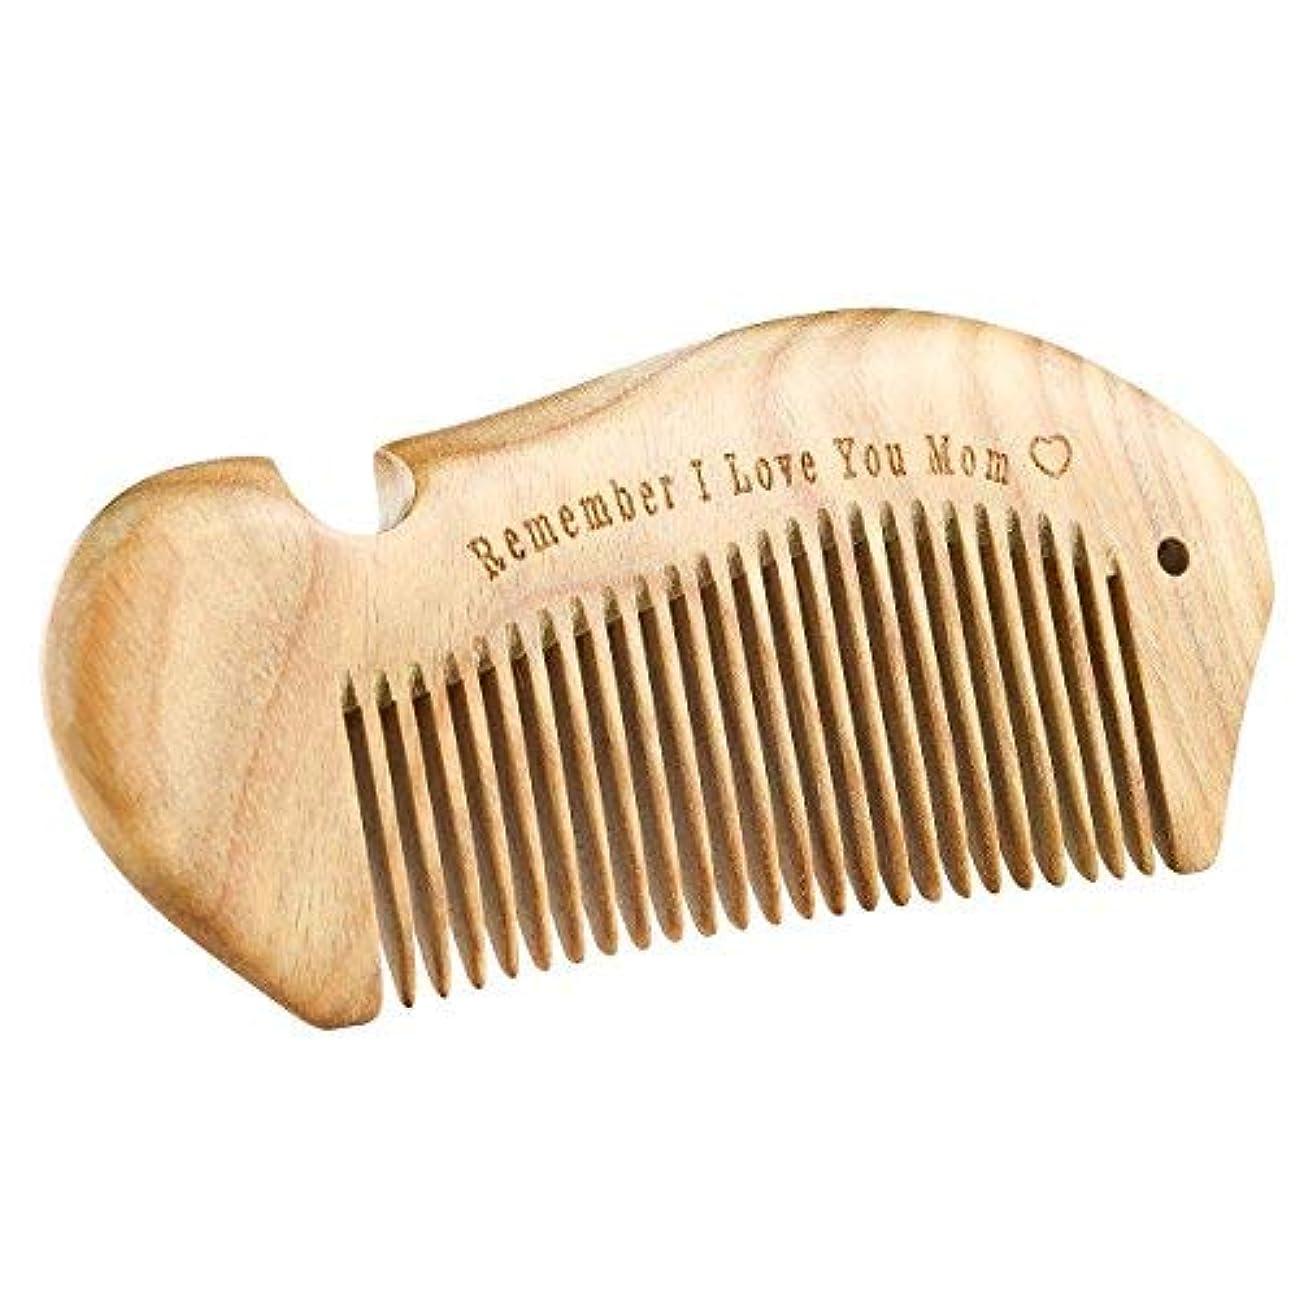 吐き出す現れるアメリカi.VALUX Handmade Sandalwood Hair Comb,No Static Natural Aroma Wood Comb for Curly Hair [並行輸入品]